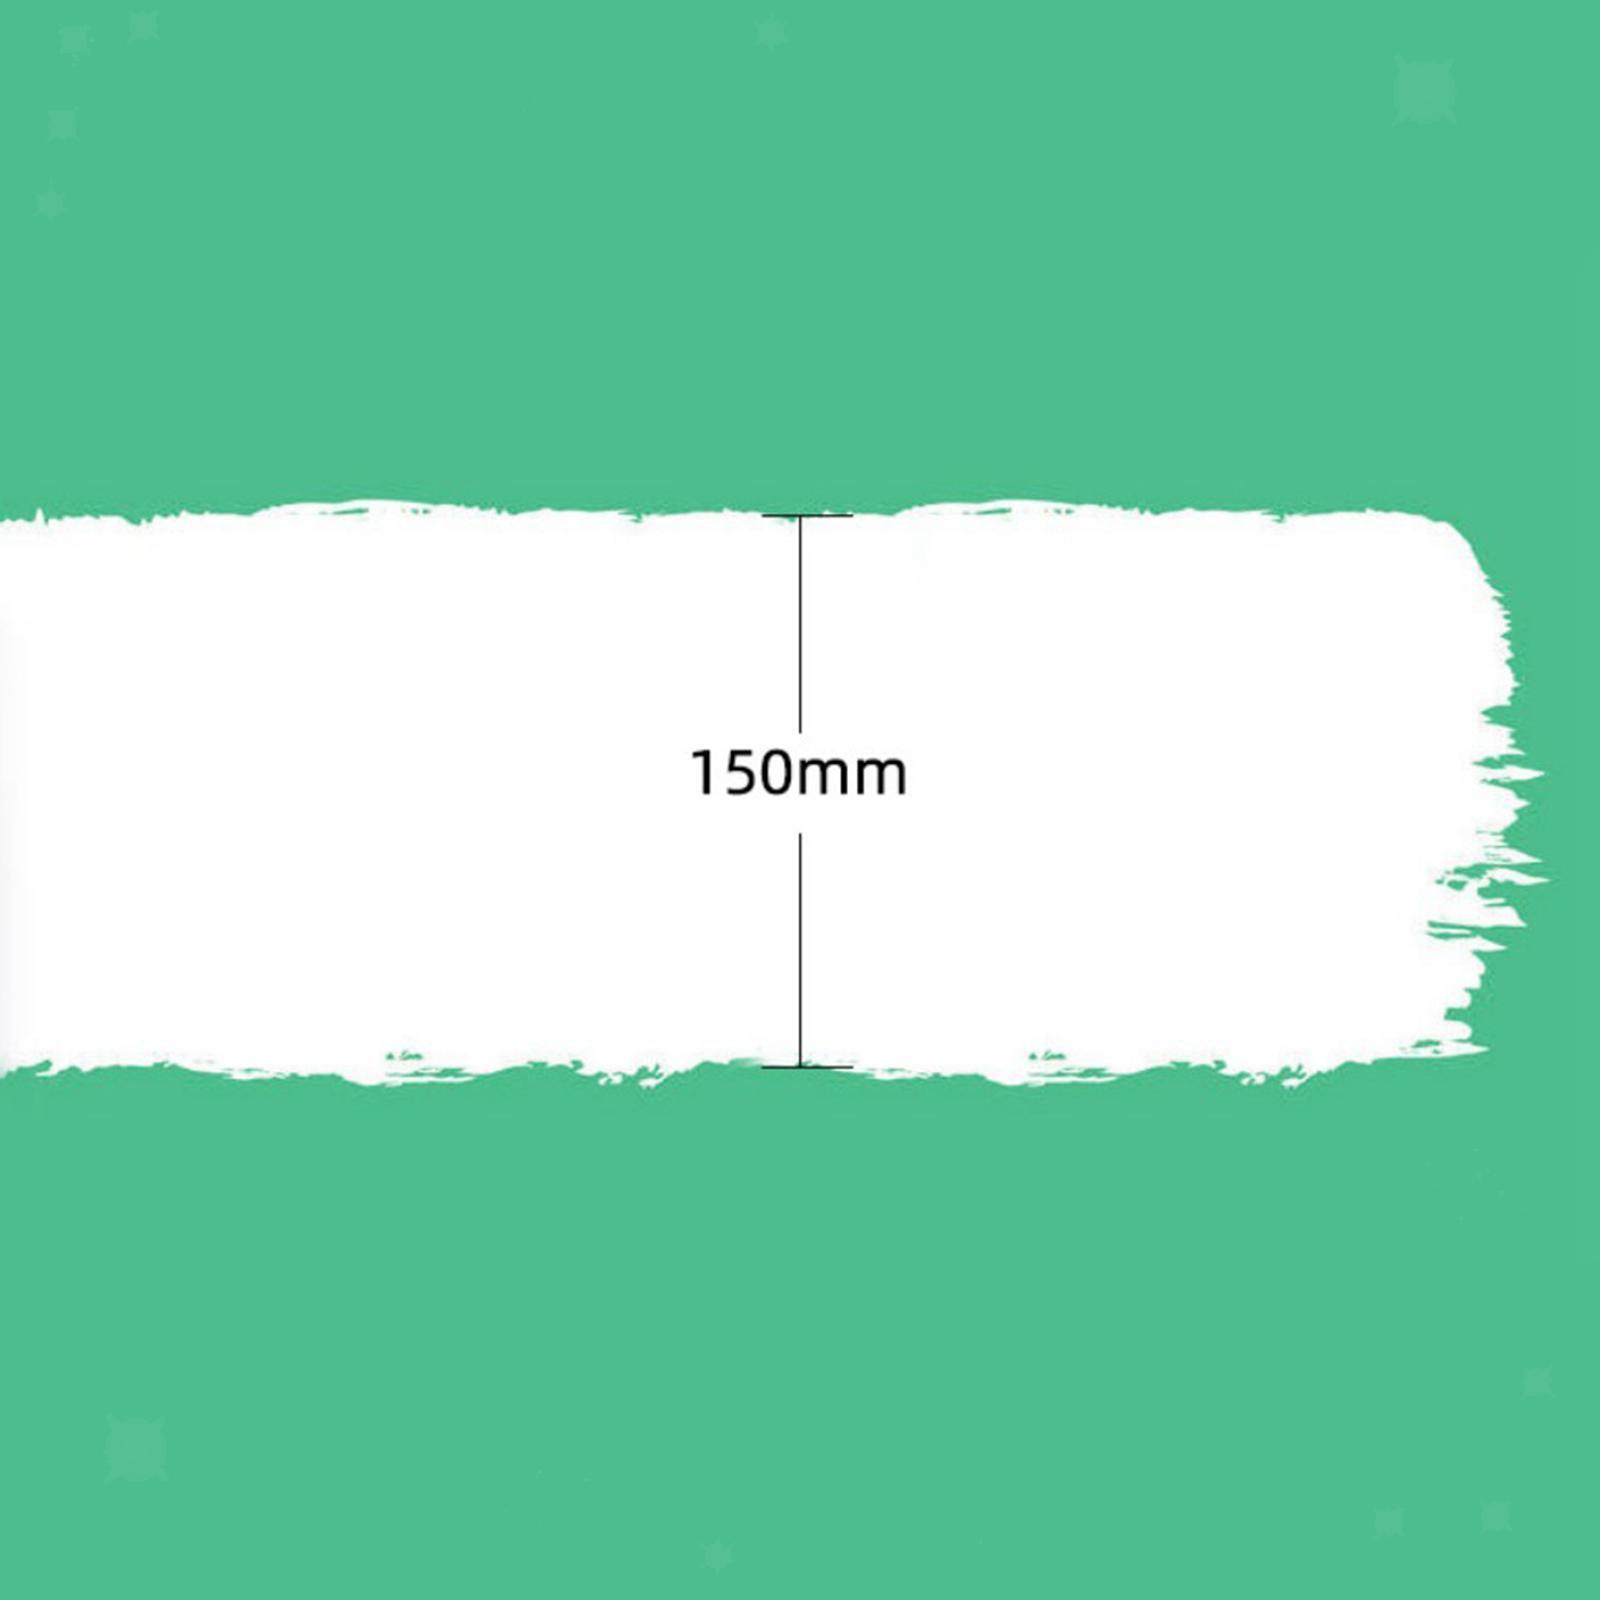 miniatura 23 - 180mL/320mL Portatile Colla Applicatore Rullo Professionale Rivestito Colla